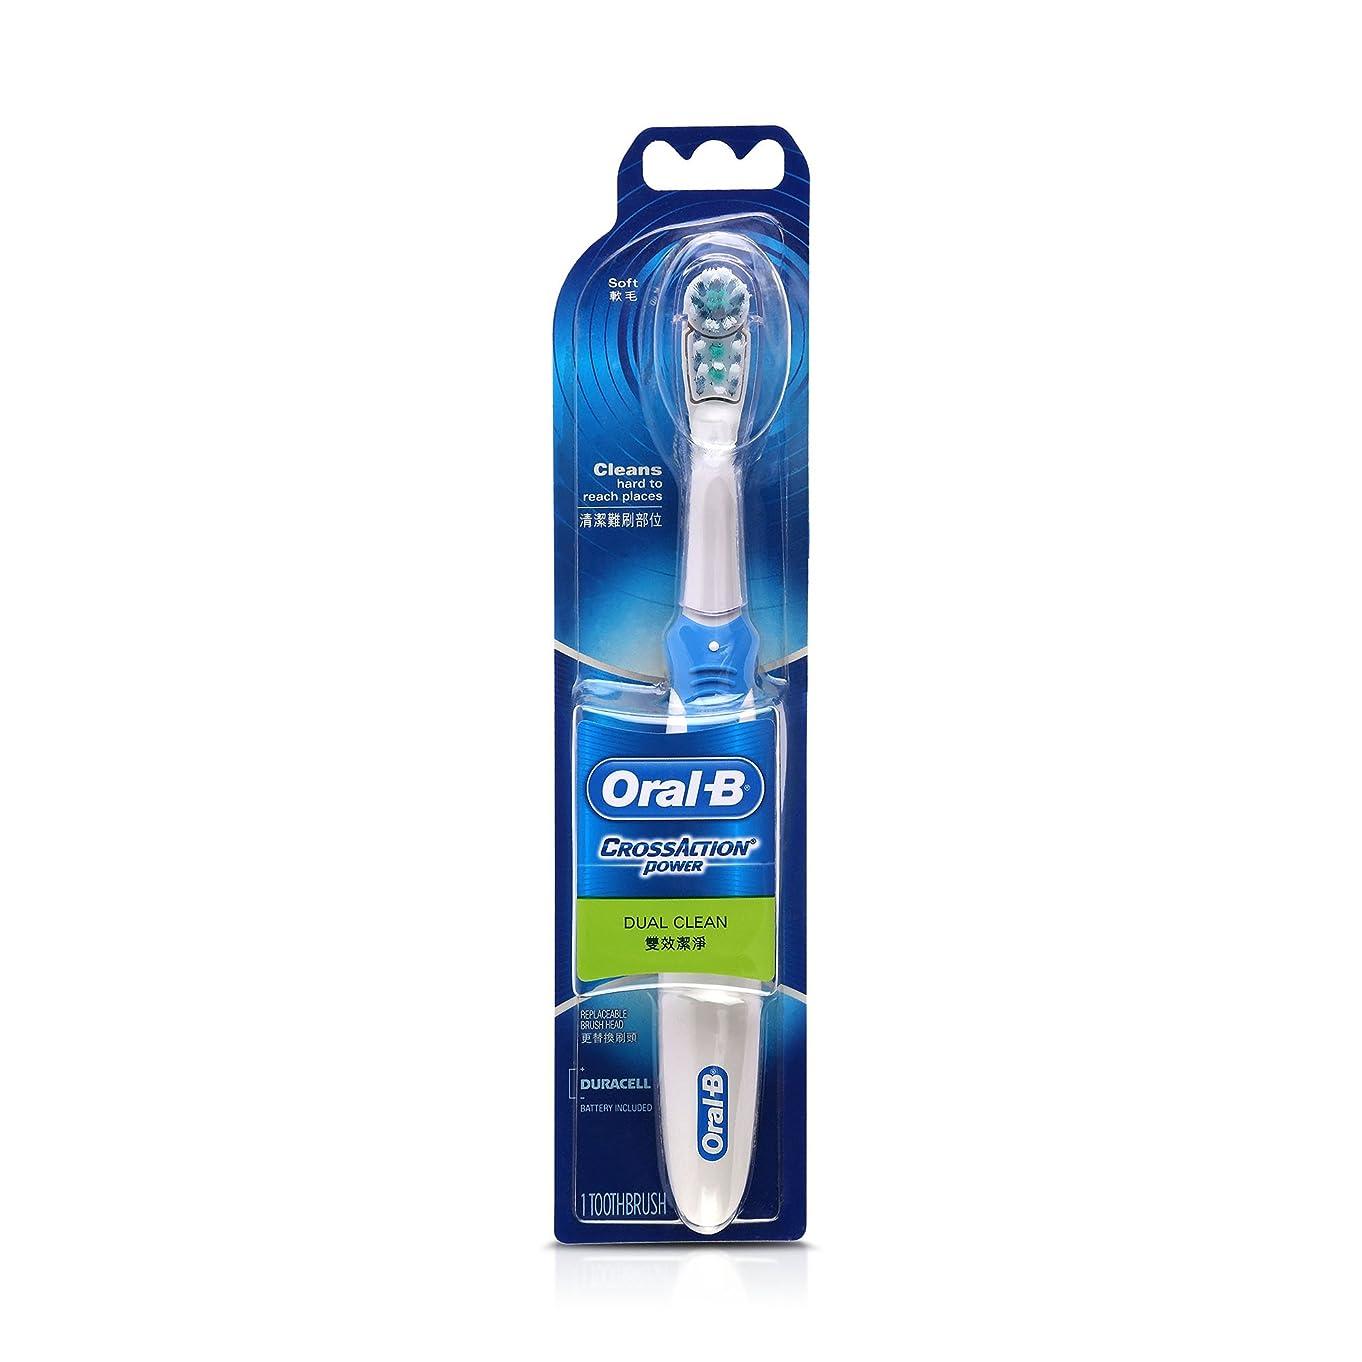 トレイル海外Oral B Cross Action Battery Powered Toothbrush - 1PC (COLOUR VARIES) (オーラルBクロスアクションバッテリー式歯ブラシ - 1PC(カラーバリエーション))